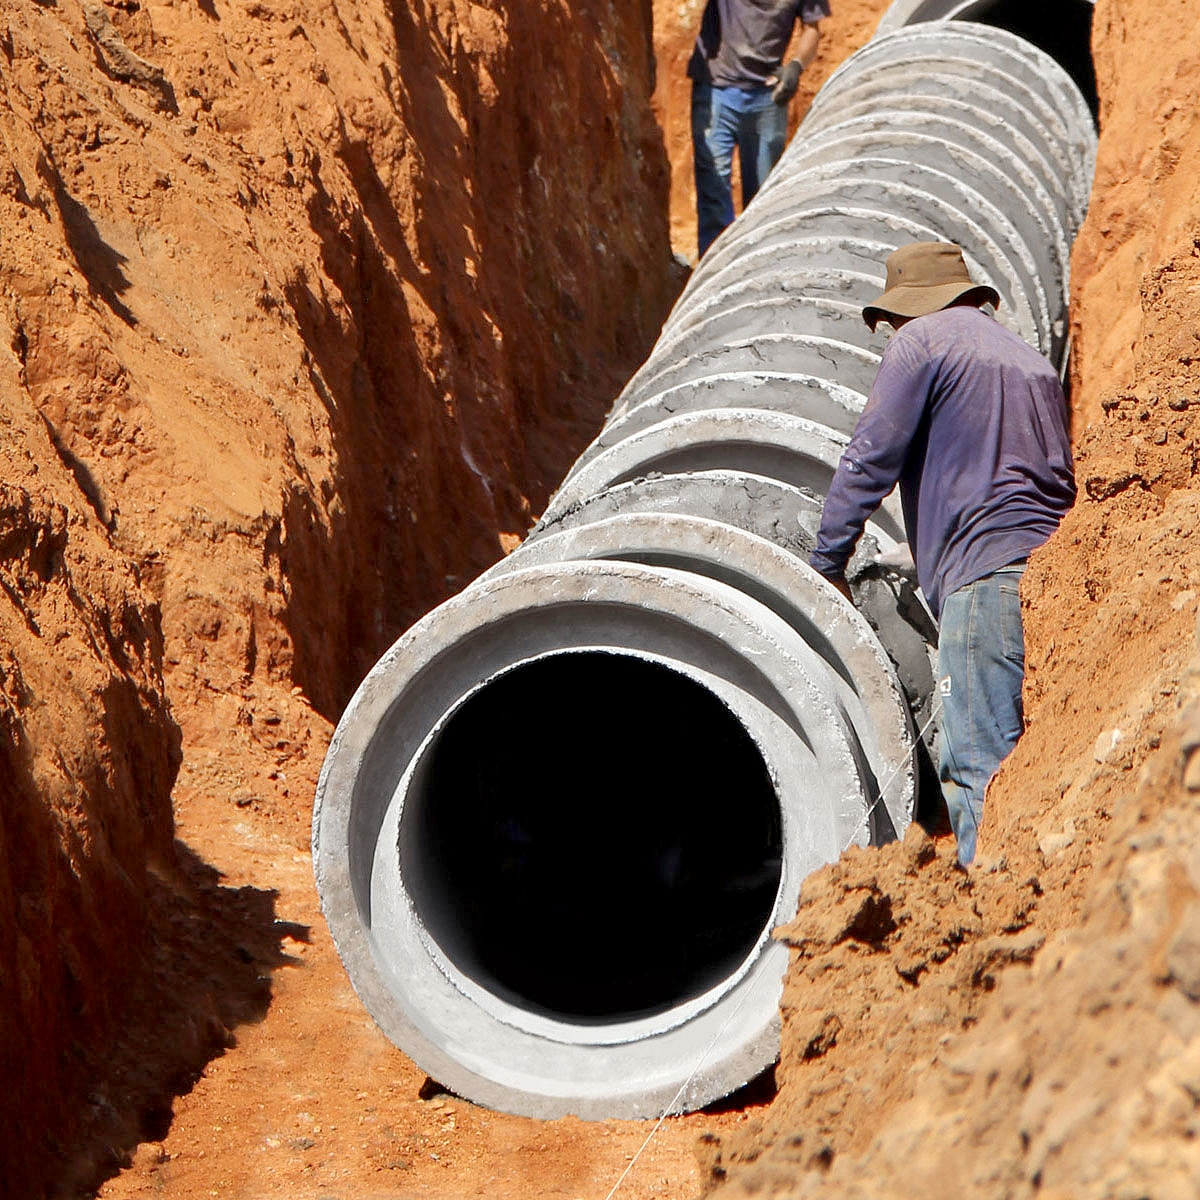 Fabricantes de tubos de concreto estão entre os que mais devem se beneficiar com a nova lei do saneamento básico  Crédito: Banco de imagens